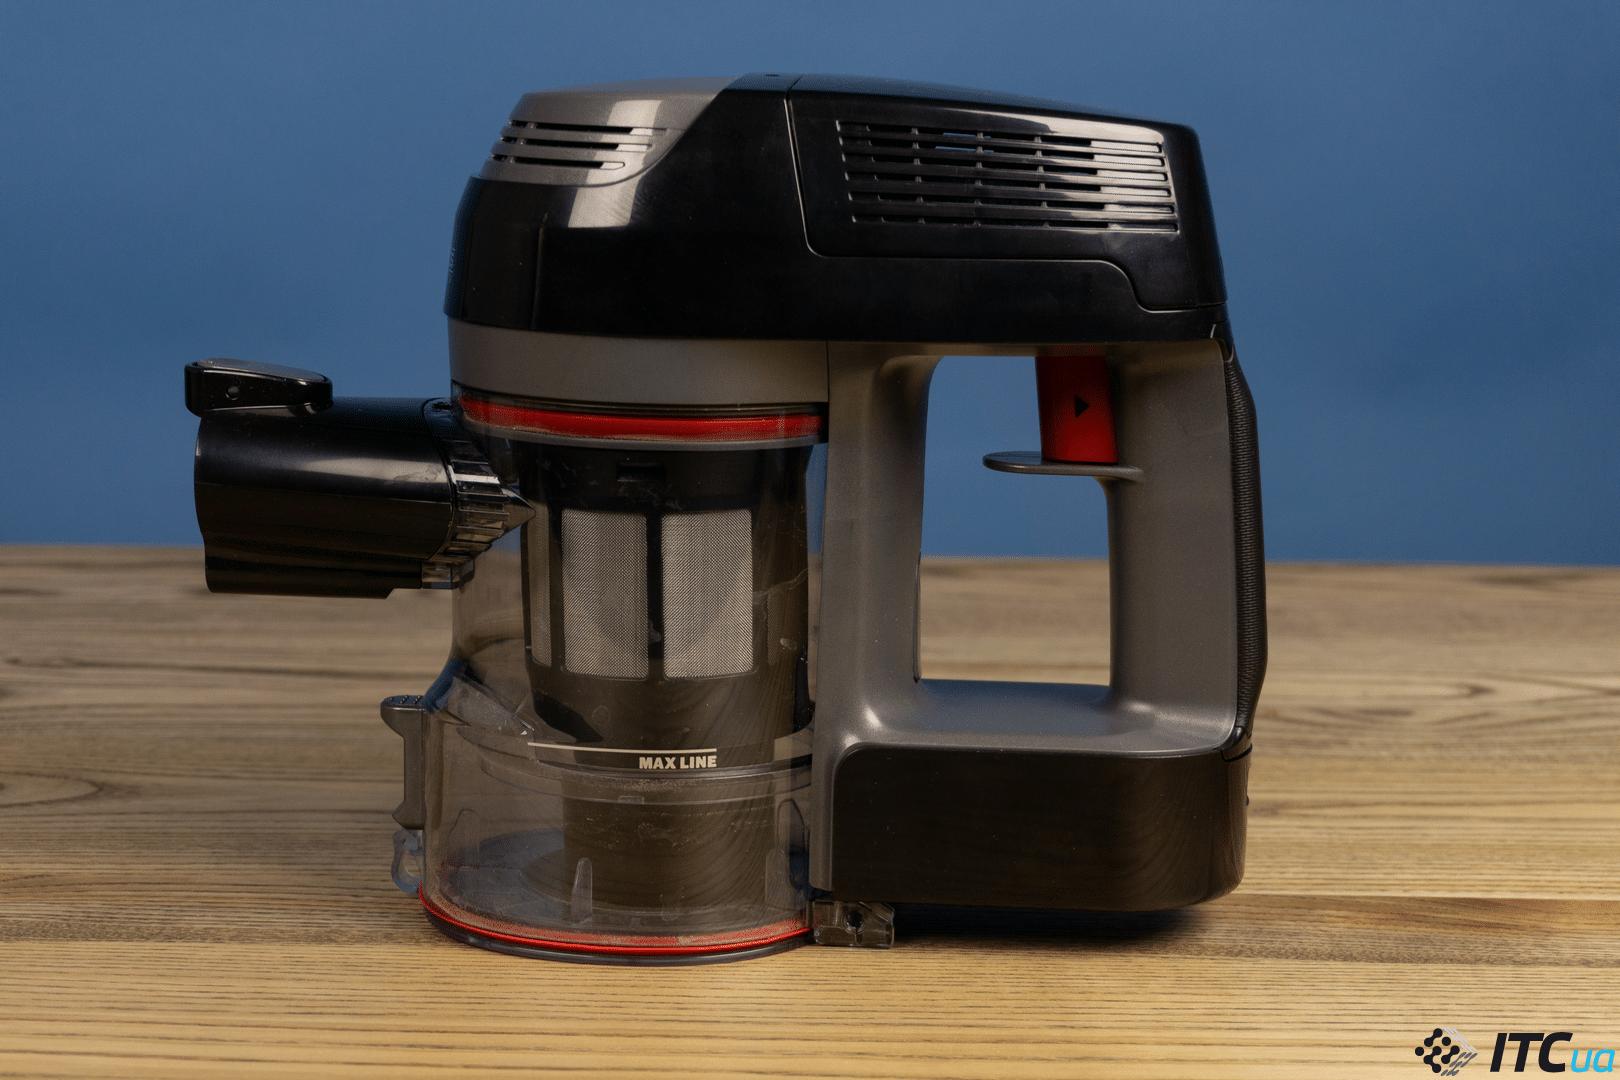 Обзор робота-пылесоса Ecovacs Deebot OZMO Pro 930